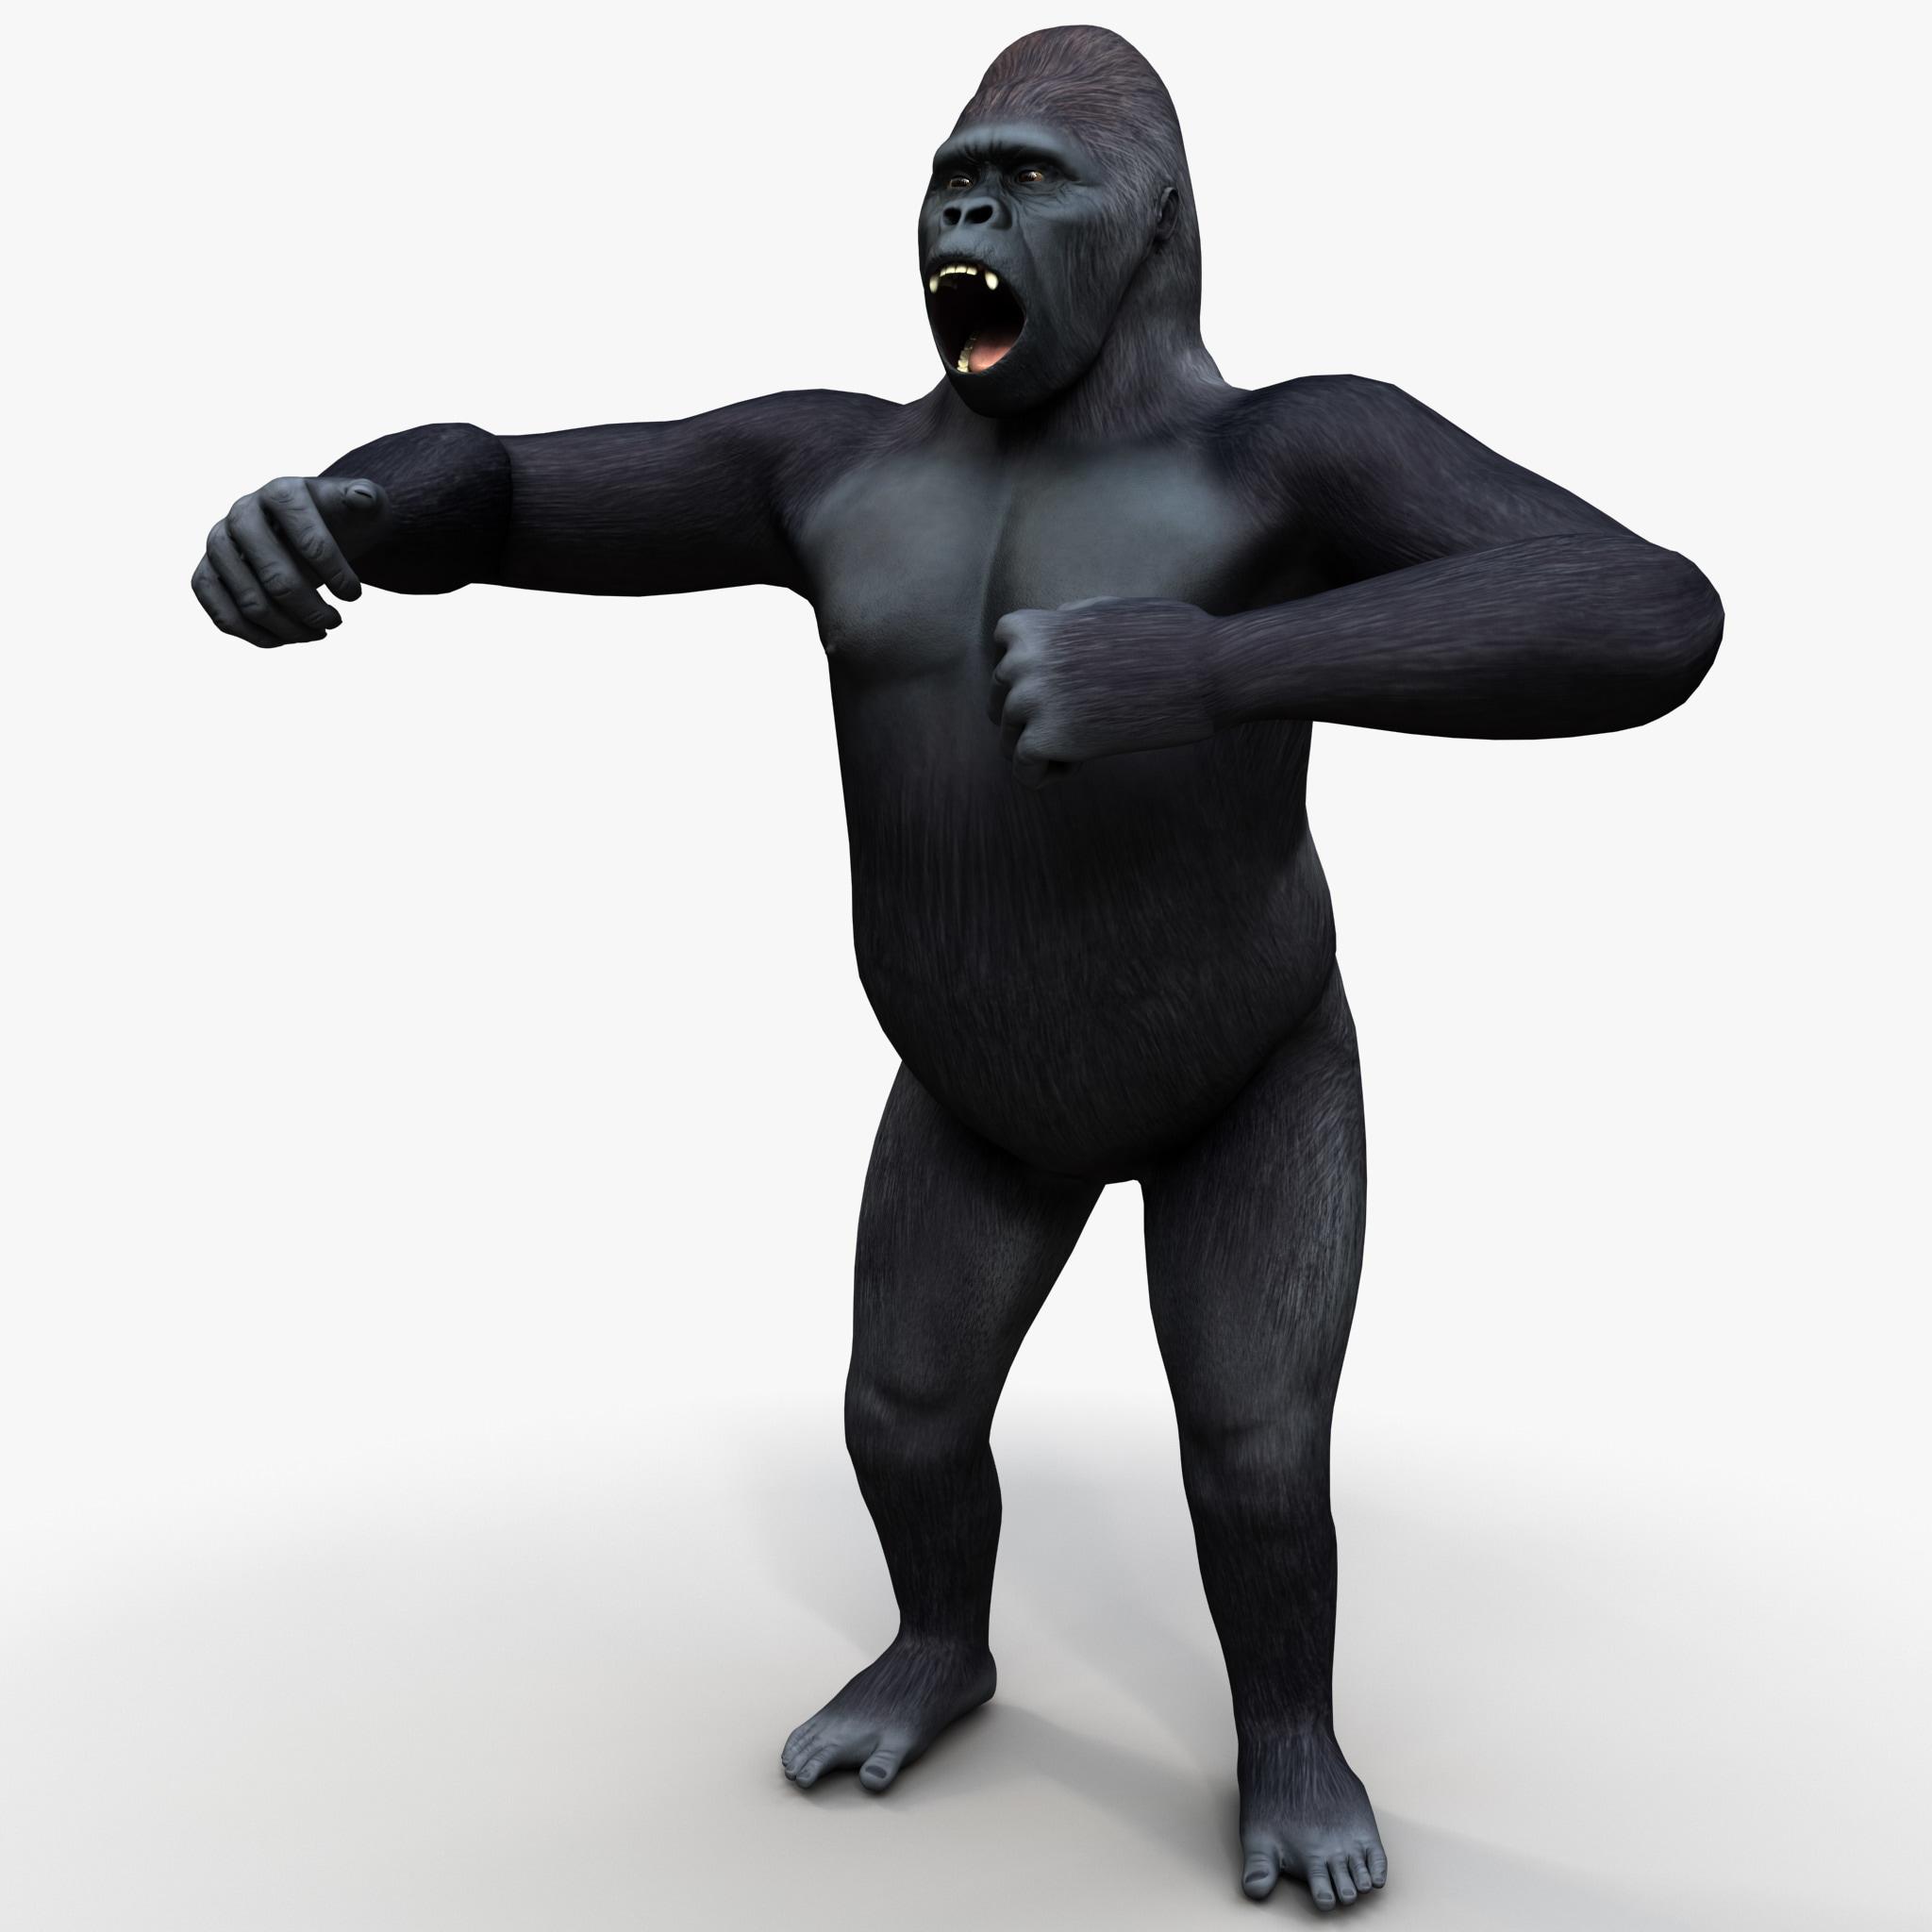 Gorilla Pose 1